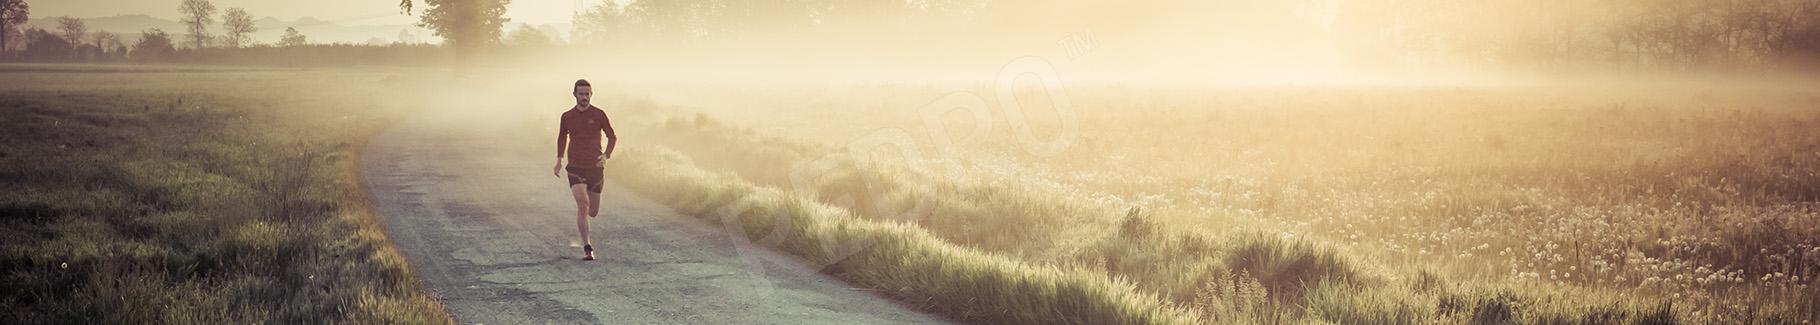 Fototapeta trening biegowy